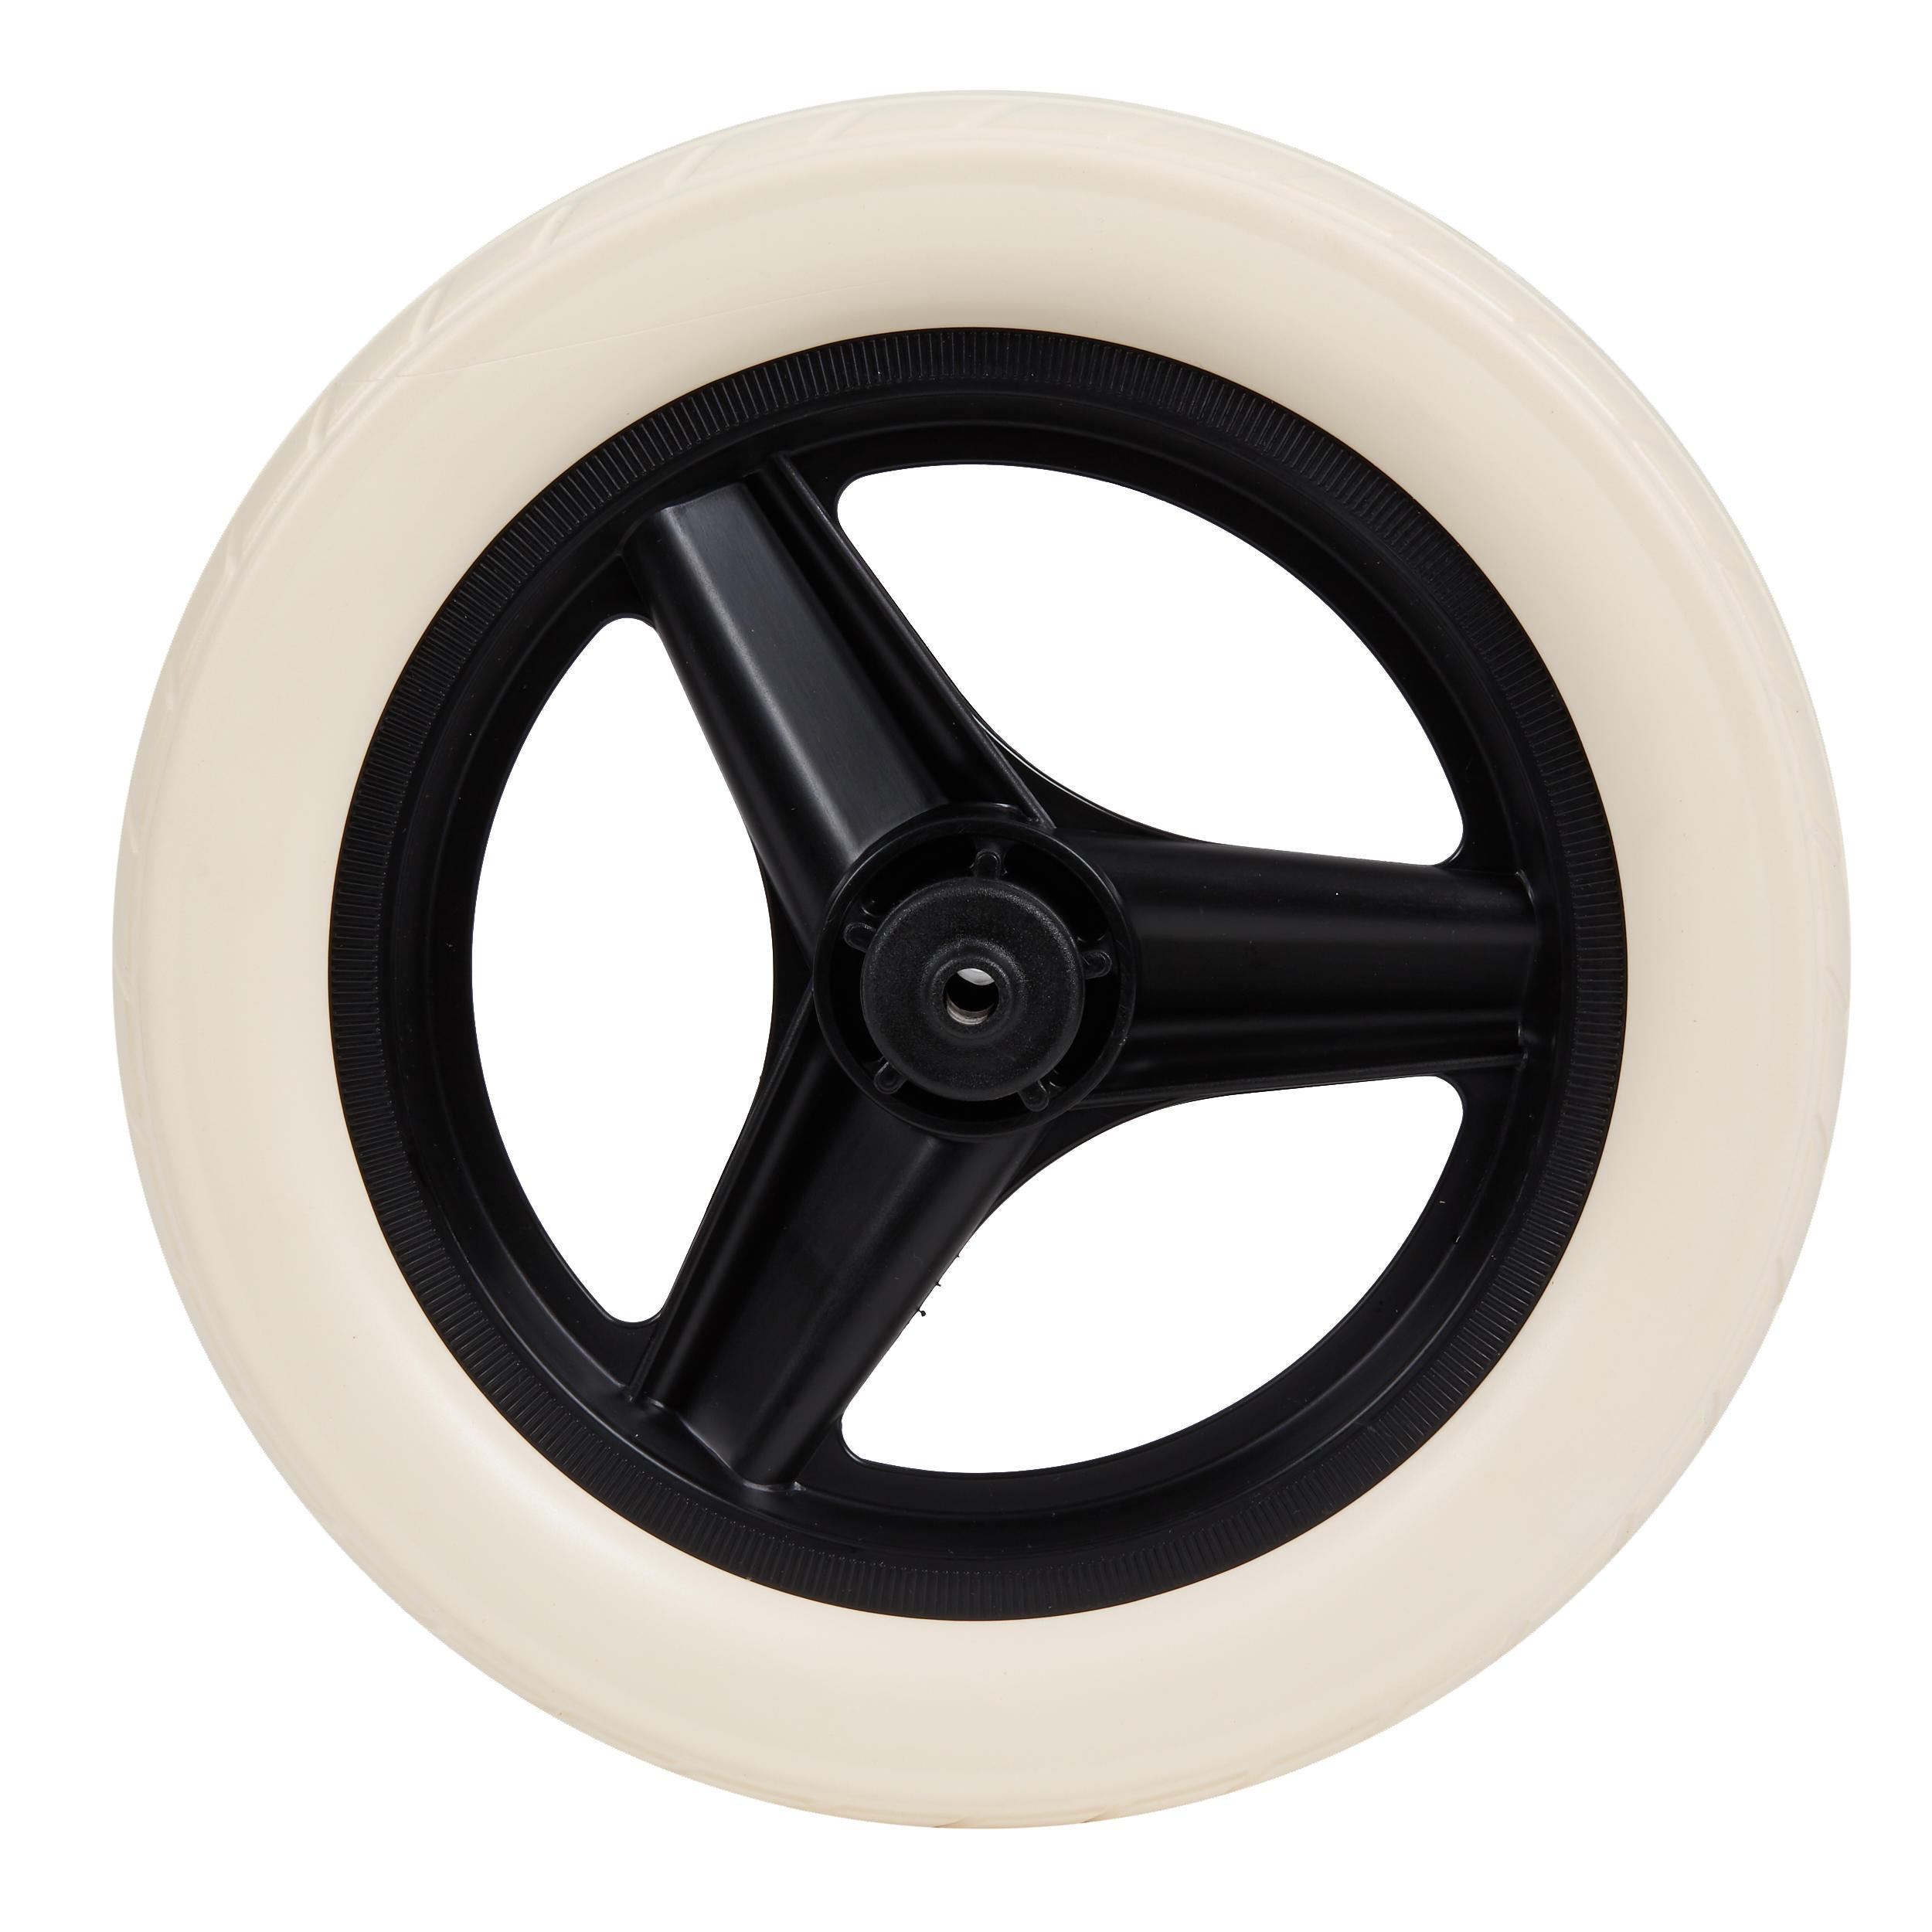 btwin ruota da 10 anteriore/posteriore bici senza pedali bianca